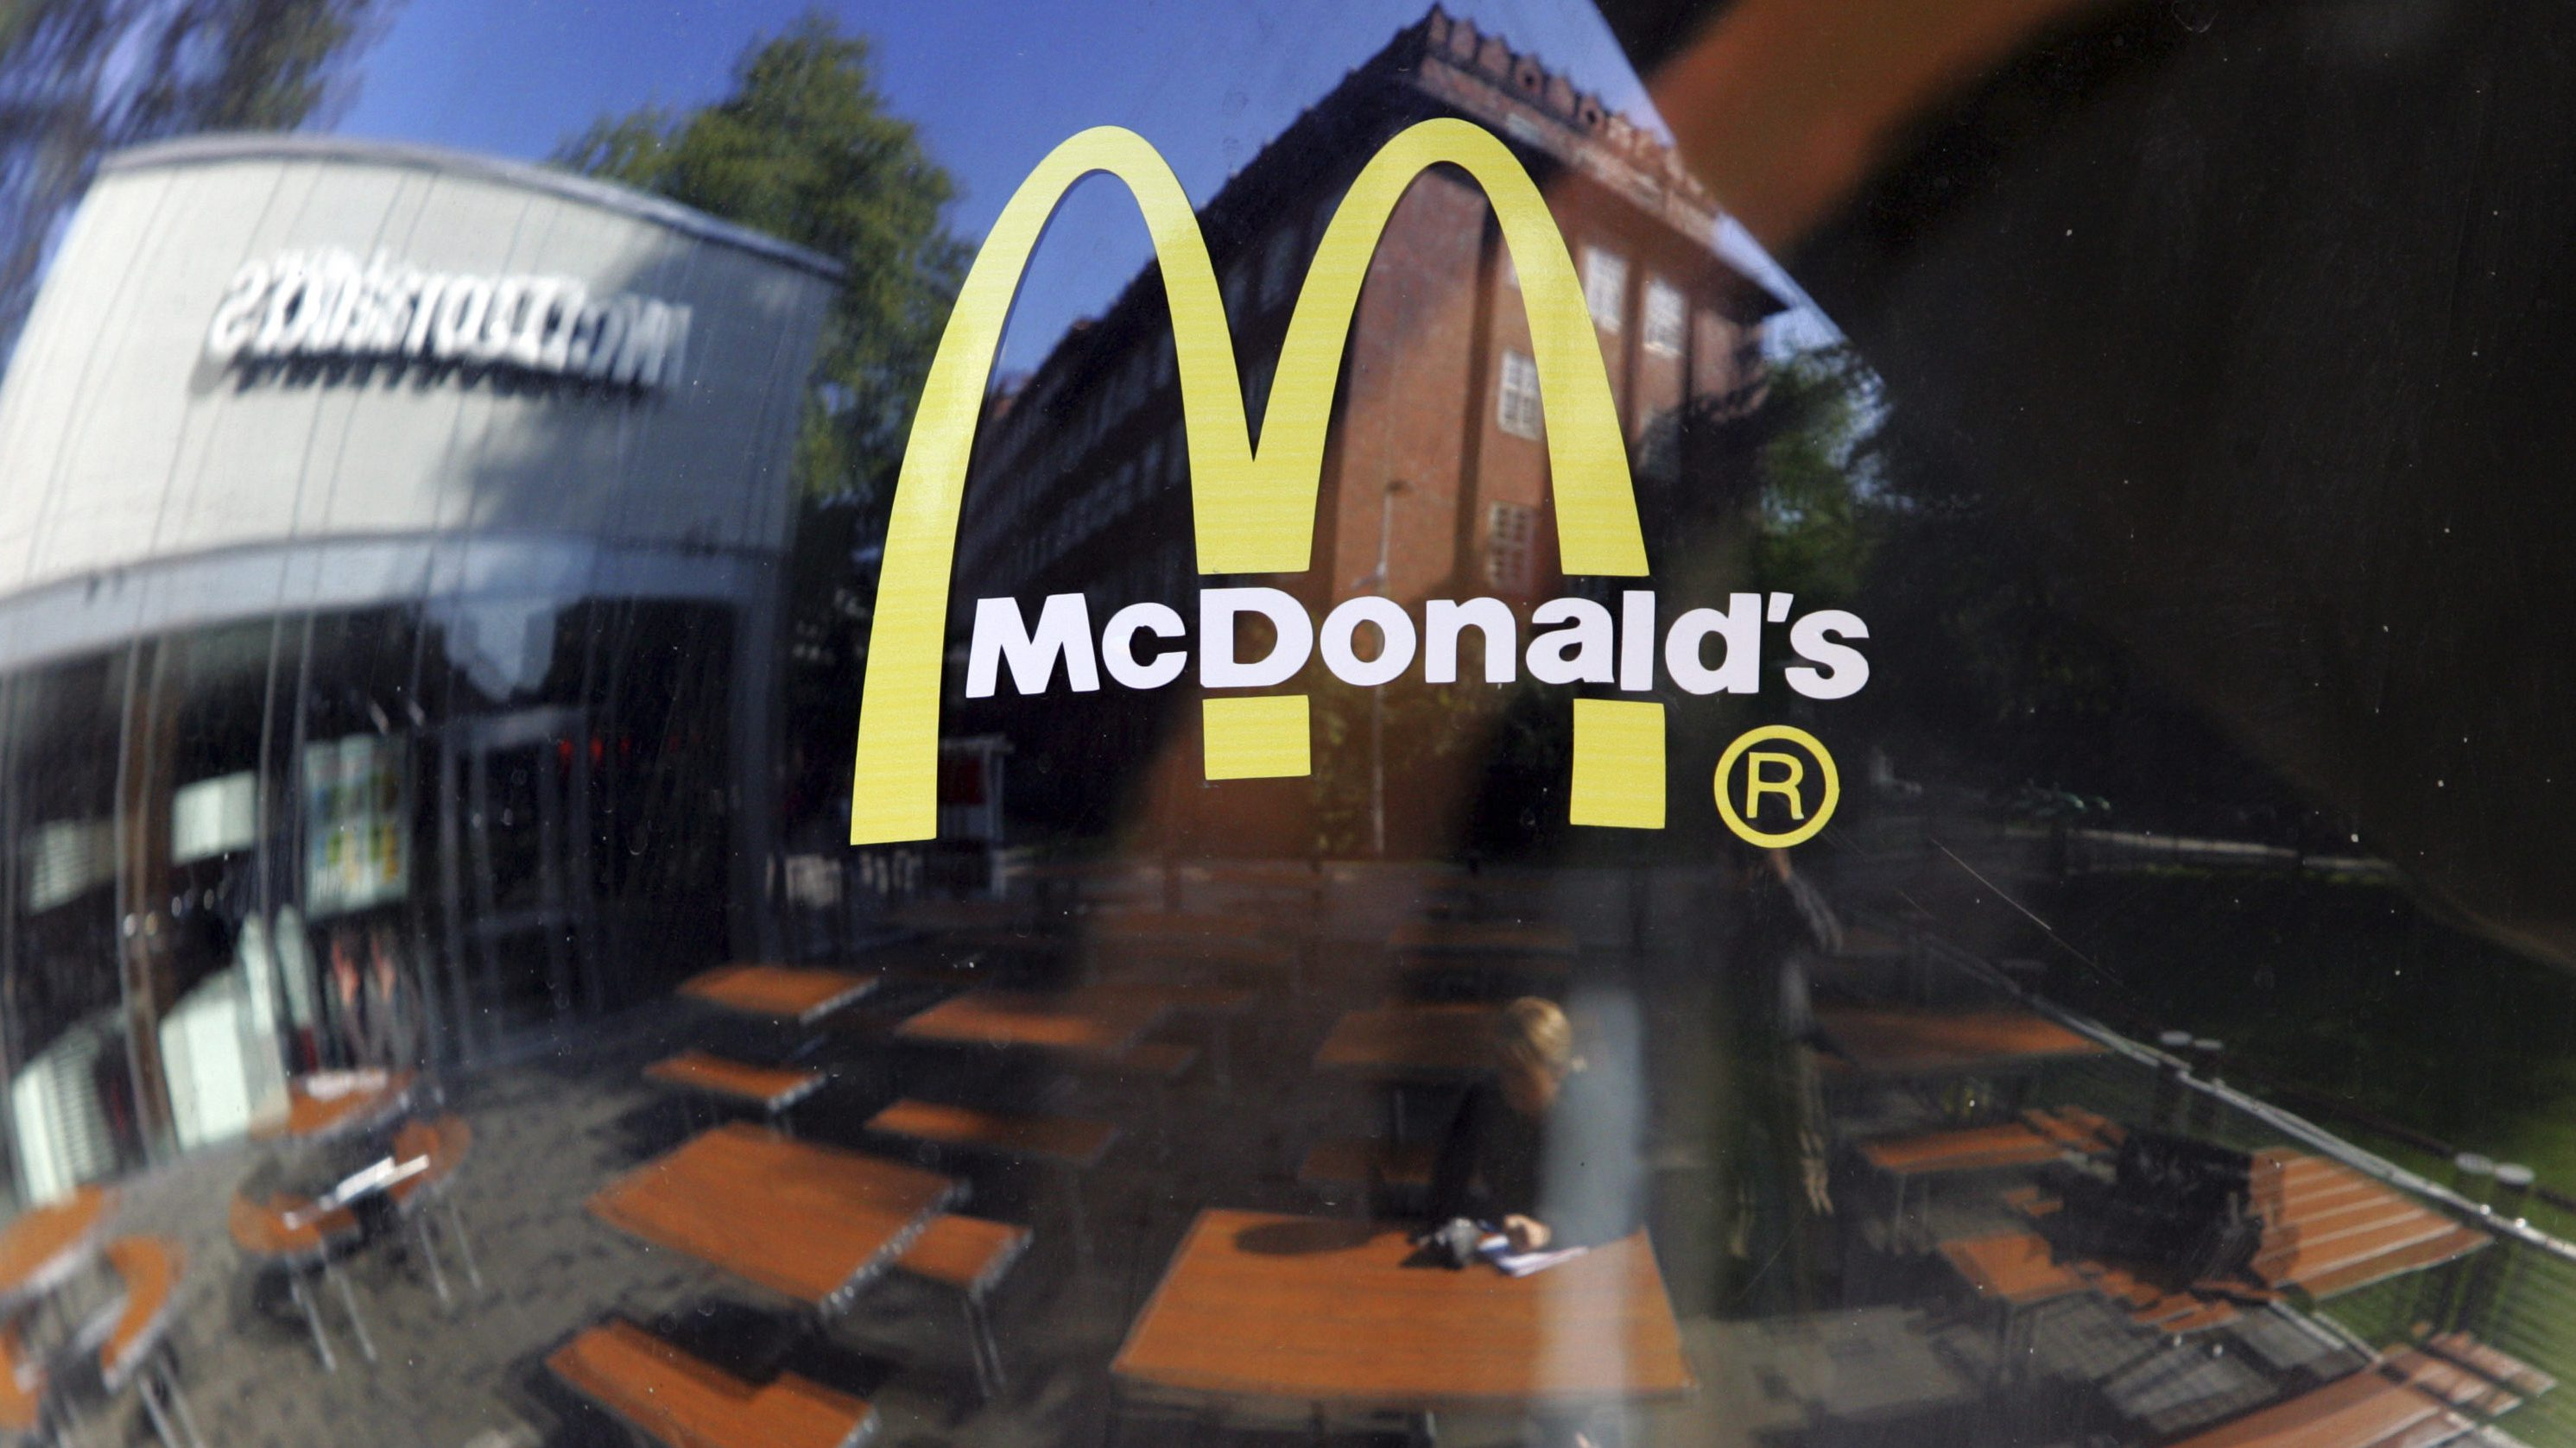 ** ARCHIV ** Die neu eroeffnete Mc Donald's Filiale im Stadteil Kreuzberg in Berlin spiegelt sich am 14. September 2007 in einer Scheibe. Die Ausweitung der Cafe-Sparte und der fortgesetzte Umbau der Restaurants haben der Fastfood-Kette McDonald's in Deutschland erneut einen Rekordumsatz gebracht. Er stieg um 4,9 Prozent auf 2,7 Milliarden Euro, wie McDonald's-Deutschland-Chef Bane Knezevic am Mittwoch, 27. Feb. 2008, in Kirchheim bei Muenchen erklaerte. (AP Photo/Miguel Villagran)---  ** FILE ** The new Mc Donald fast food restaurant is reflected in a window on, Sept. 14, 2007 in Berlin, Germany. The first McDonald restaurant was opened  in the alternative district Kreuzberg today. (AP Photo/Miguel Villagran)